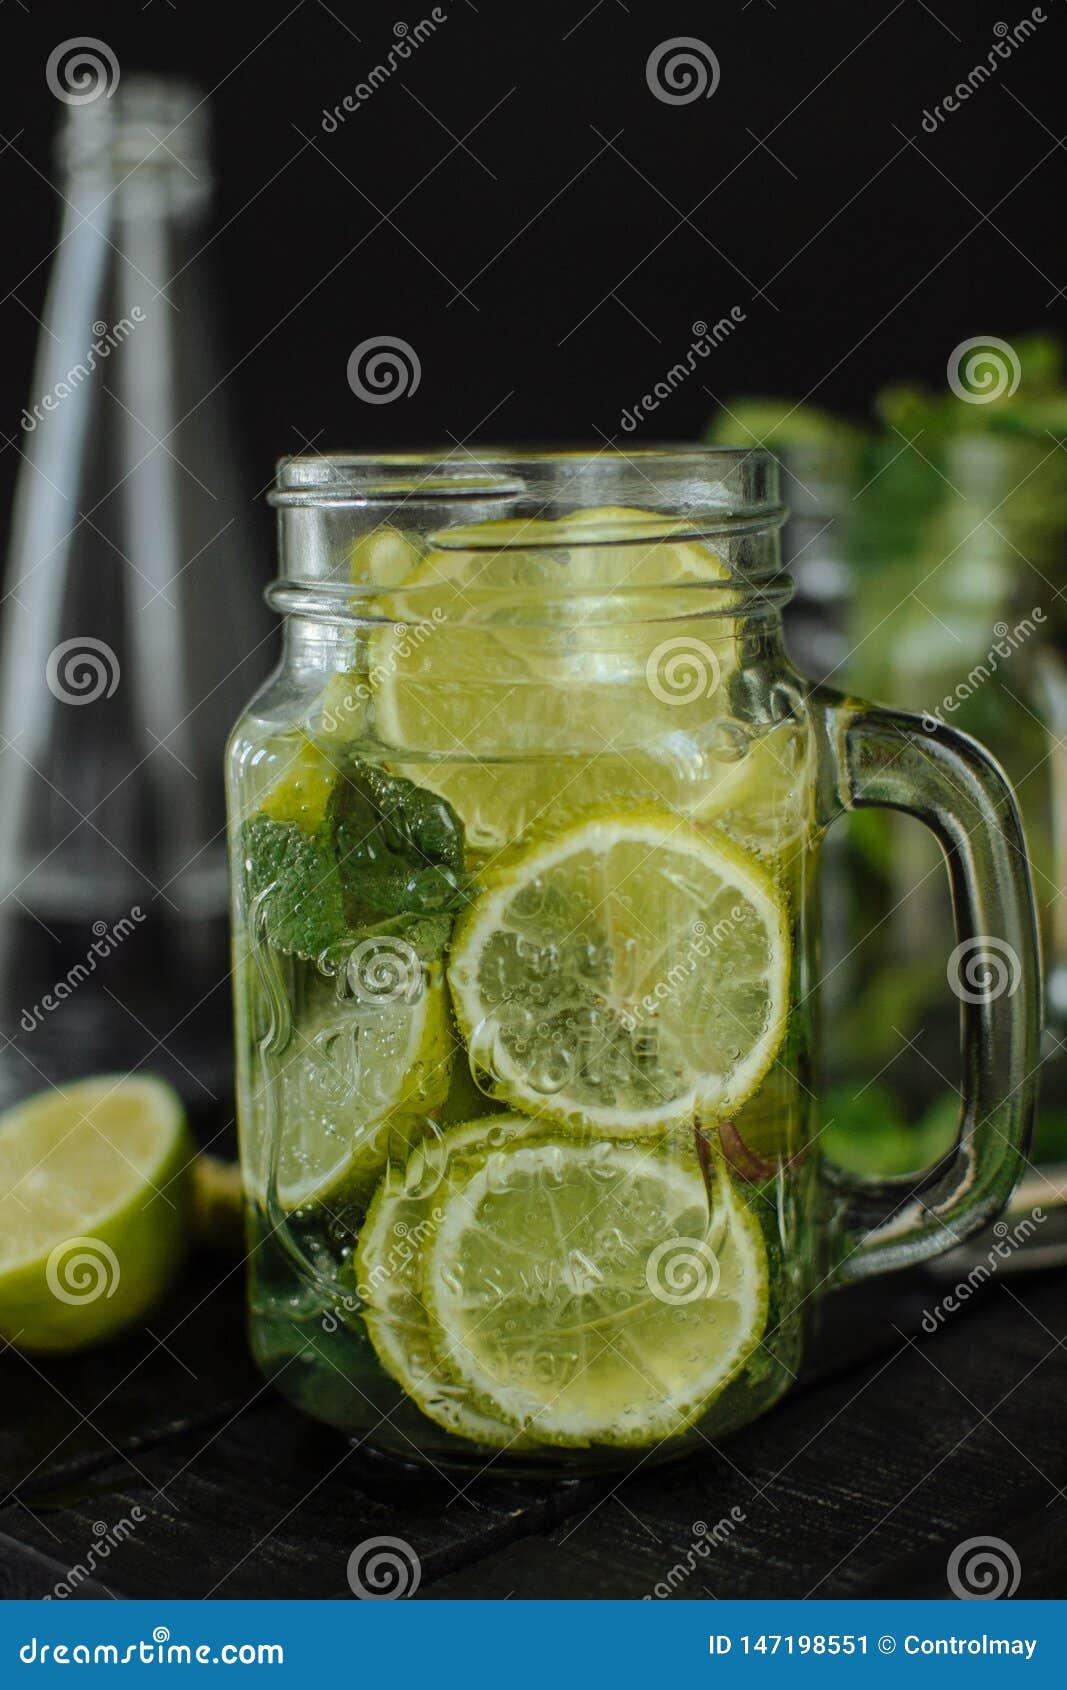 Un vidrio de limonada con la cal y el limón cortados en una taza en un fondo negro